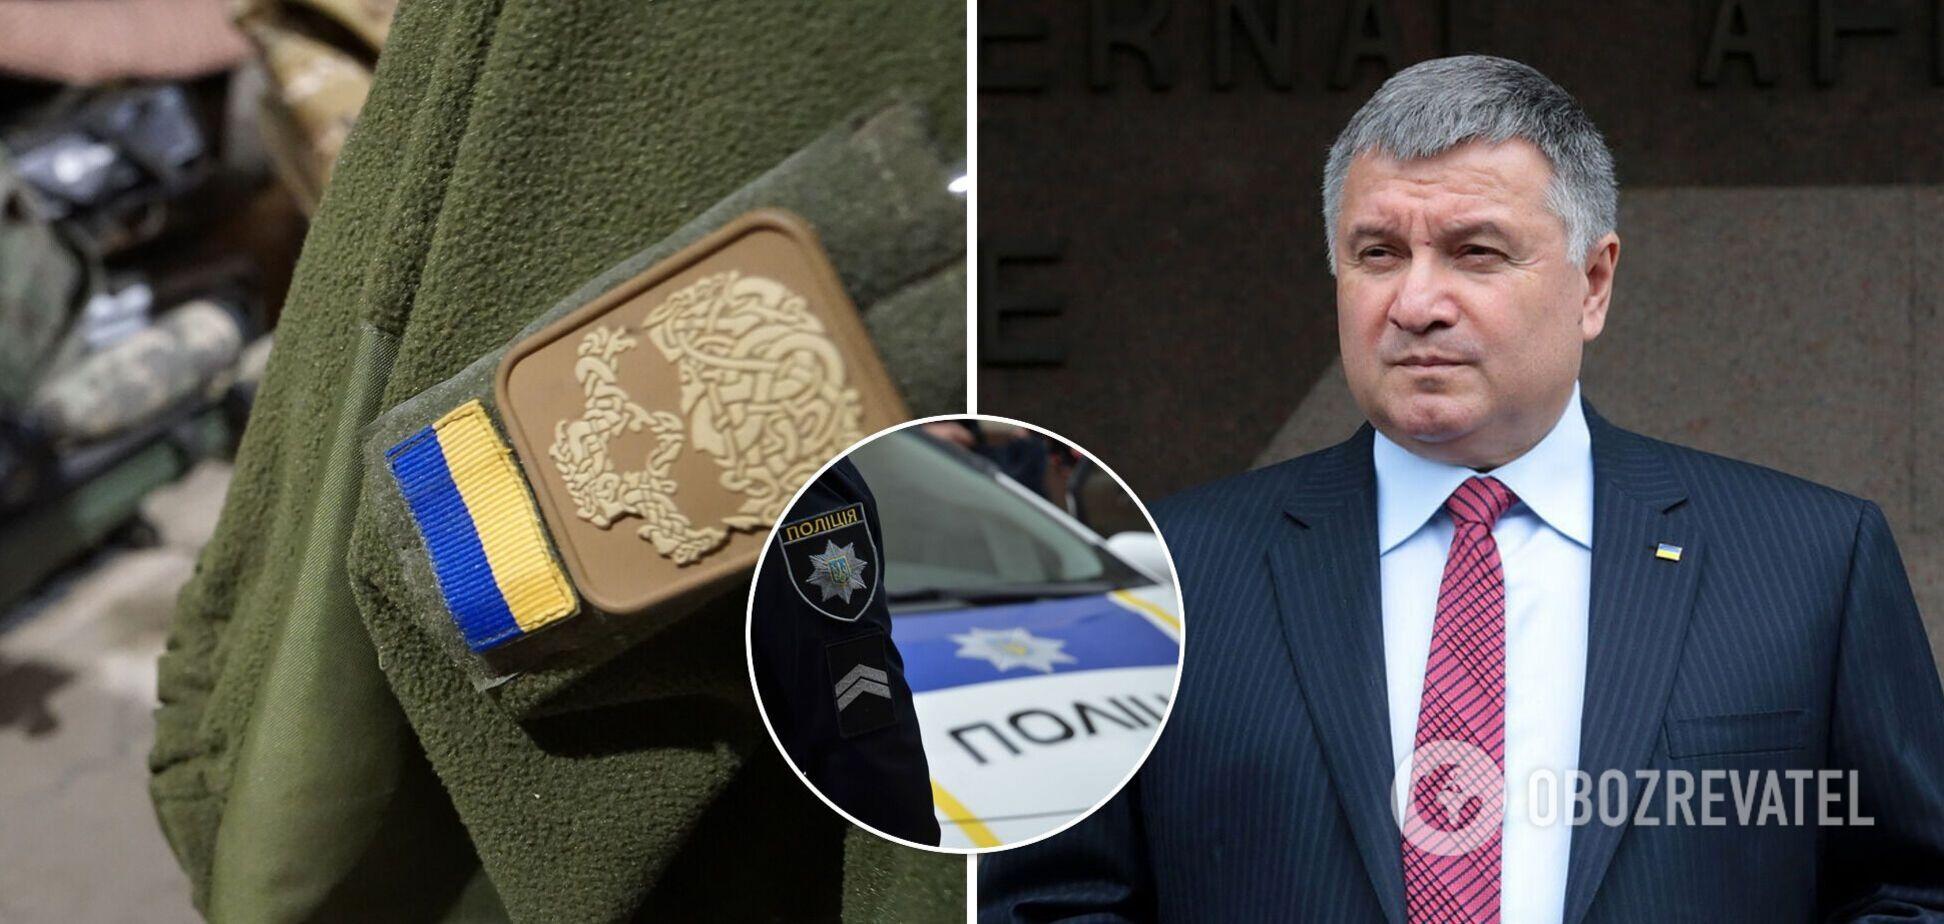 Напад на ветерана АТО на Тернопільщині: Аваков назвав підозру необґрунтованою